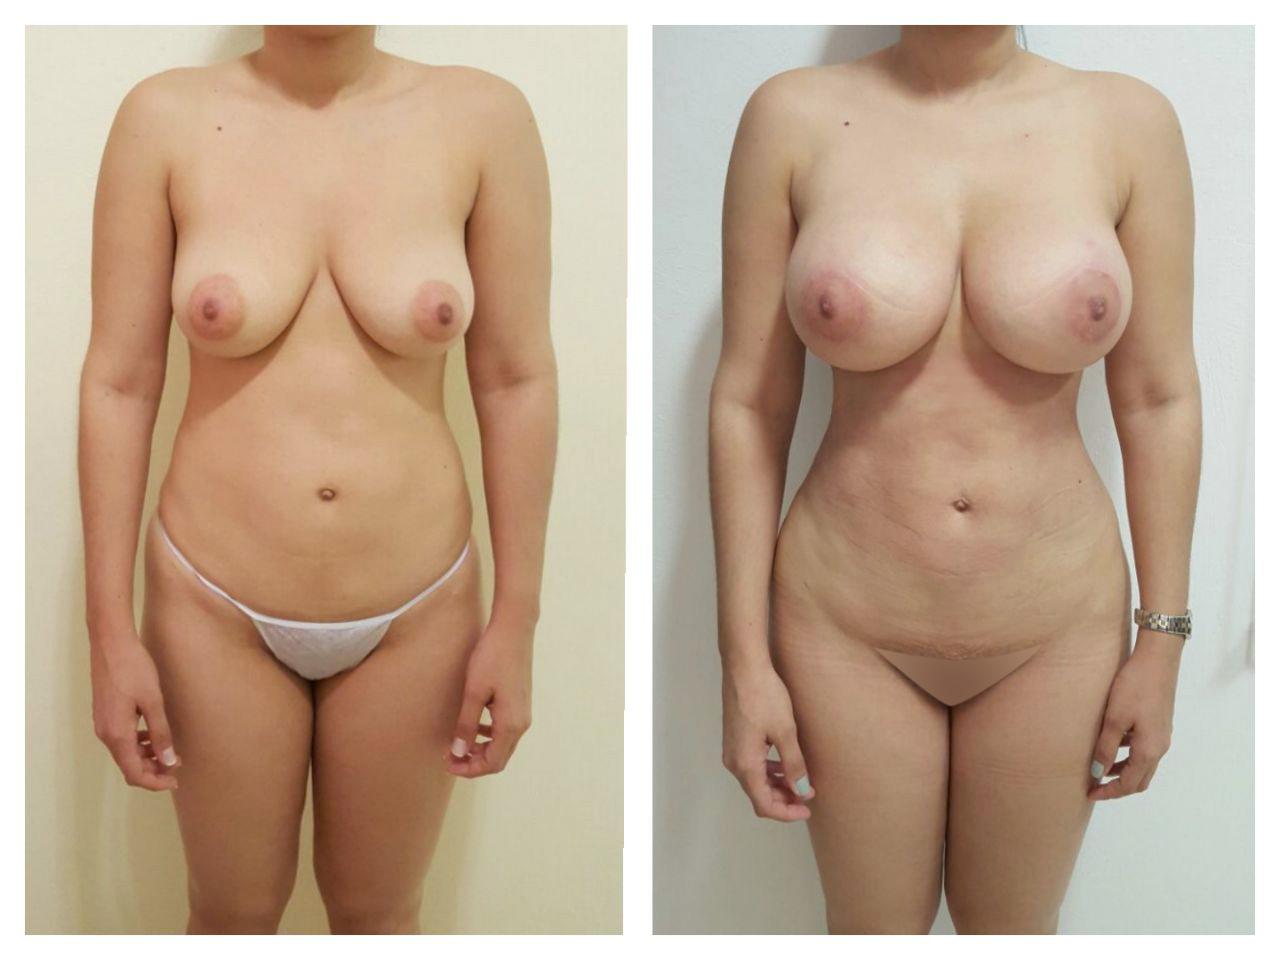 Liposuccion y aumento de senos